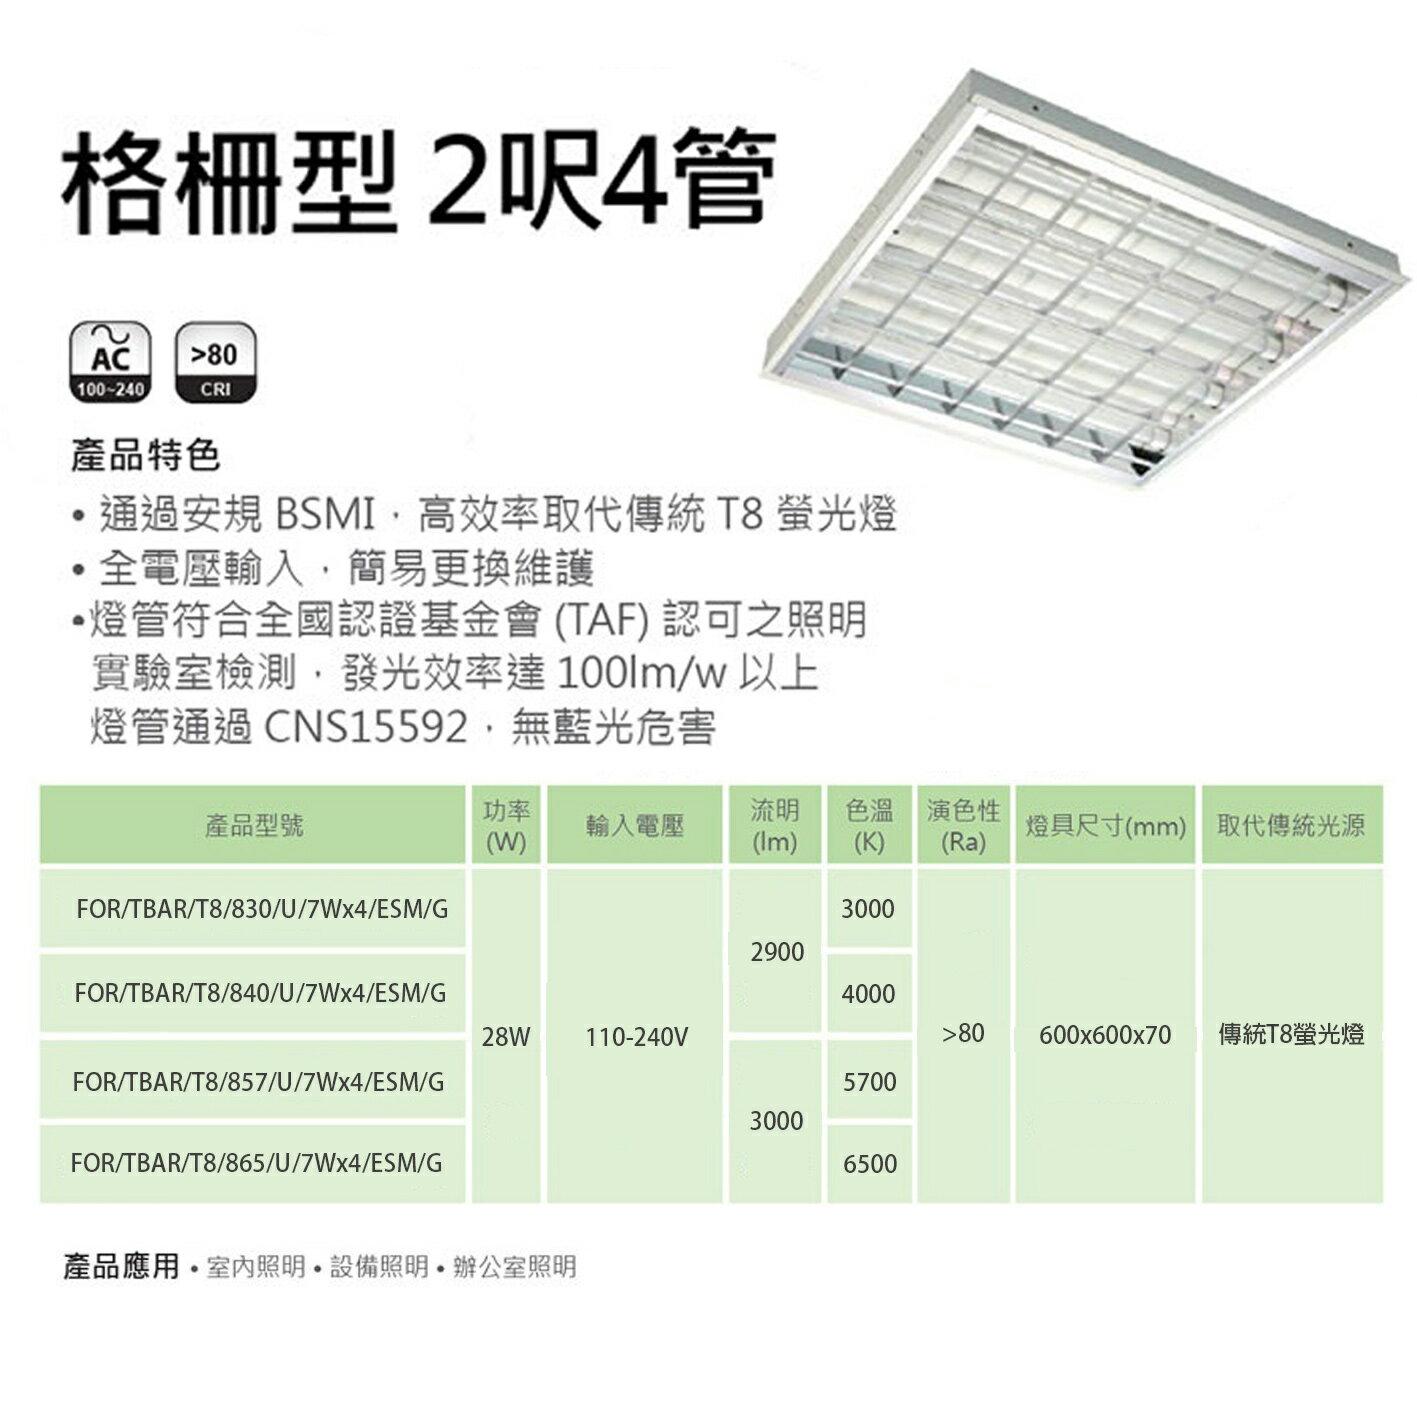 億光 2x2 格柵型 輕鋼架 28w 節能標章 白光/自然光/黃光〖永光照明〗UE4-FOR-TBAR-LED-28W-ESM